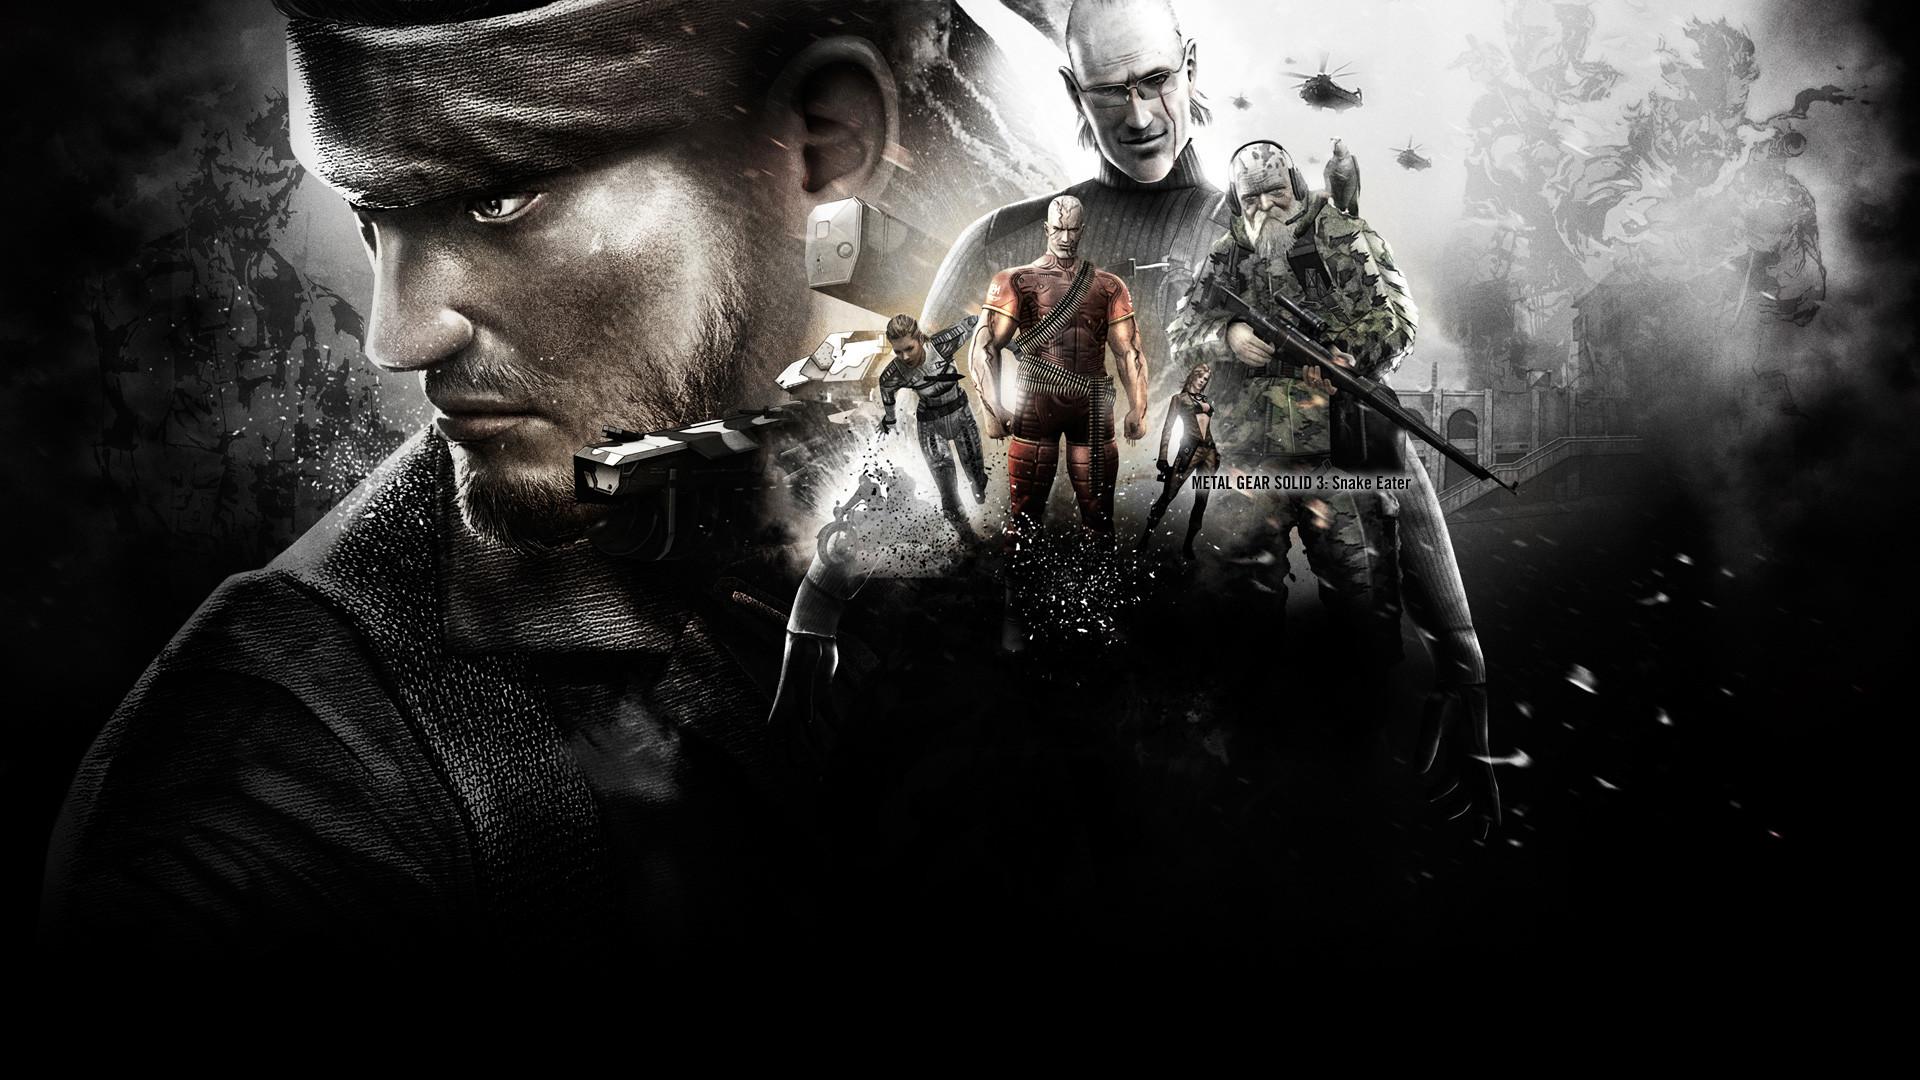 2560x1600 227 Metal Gear Wallpapers